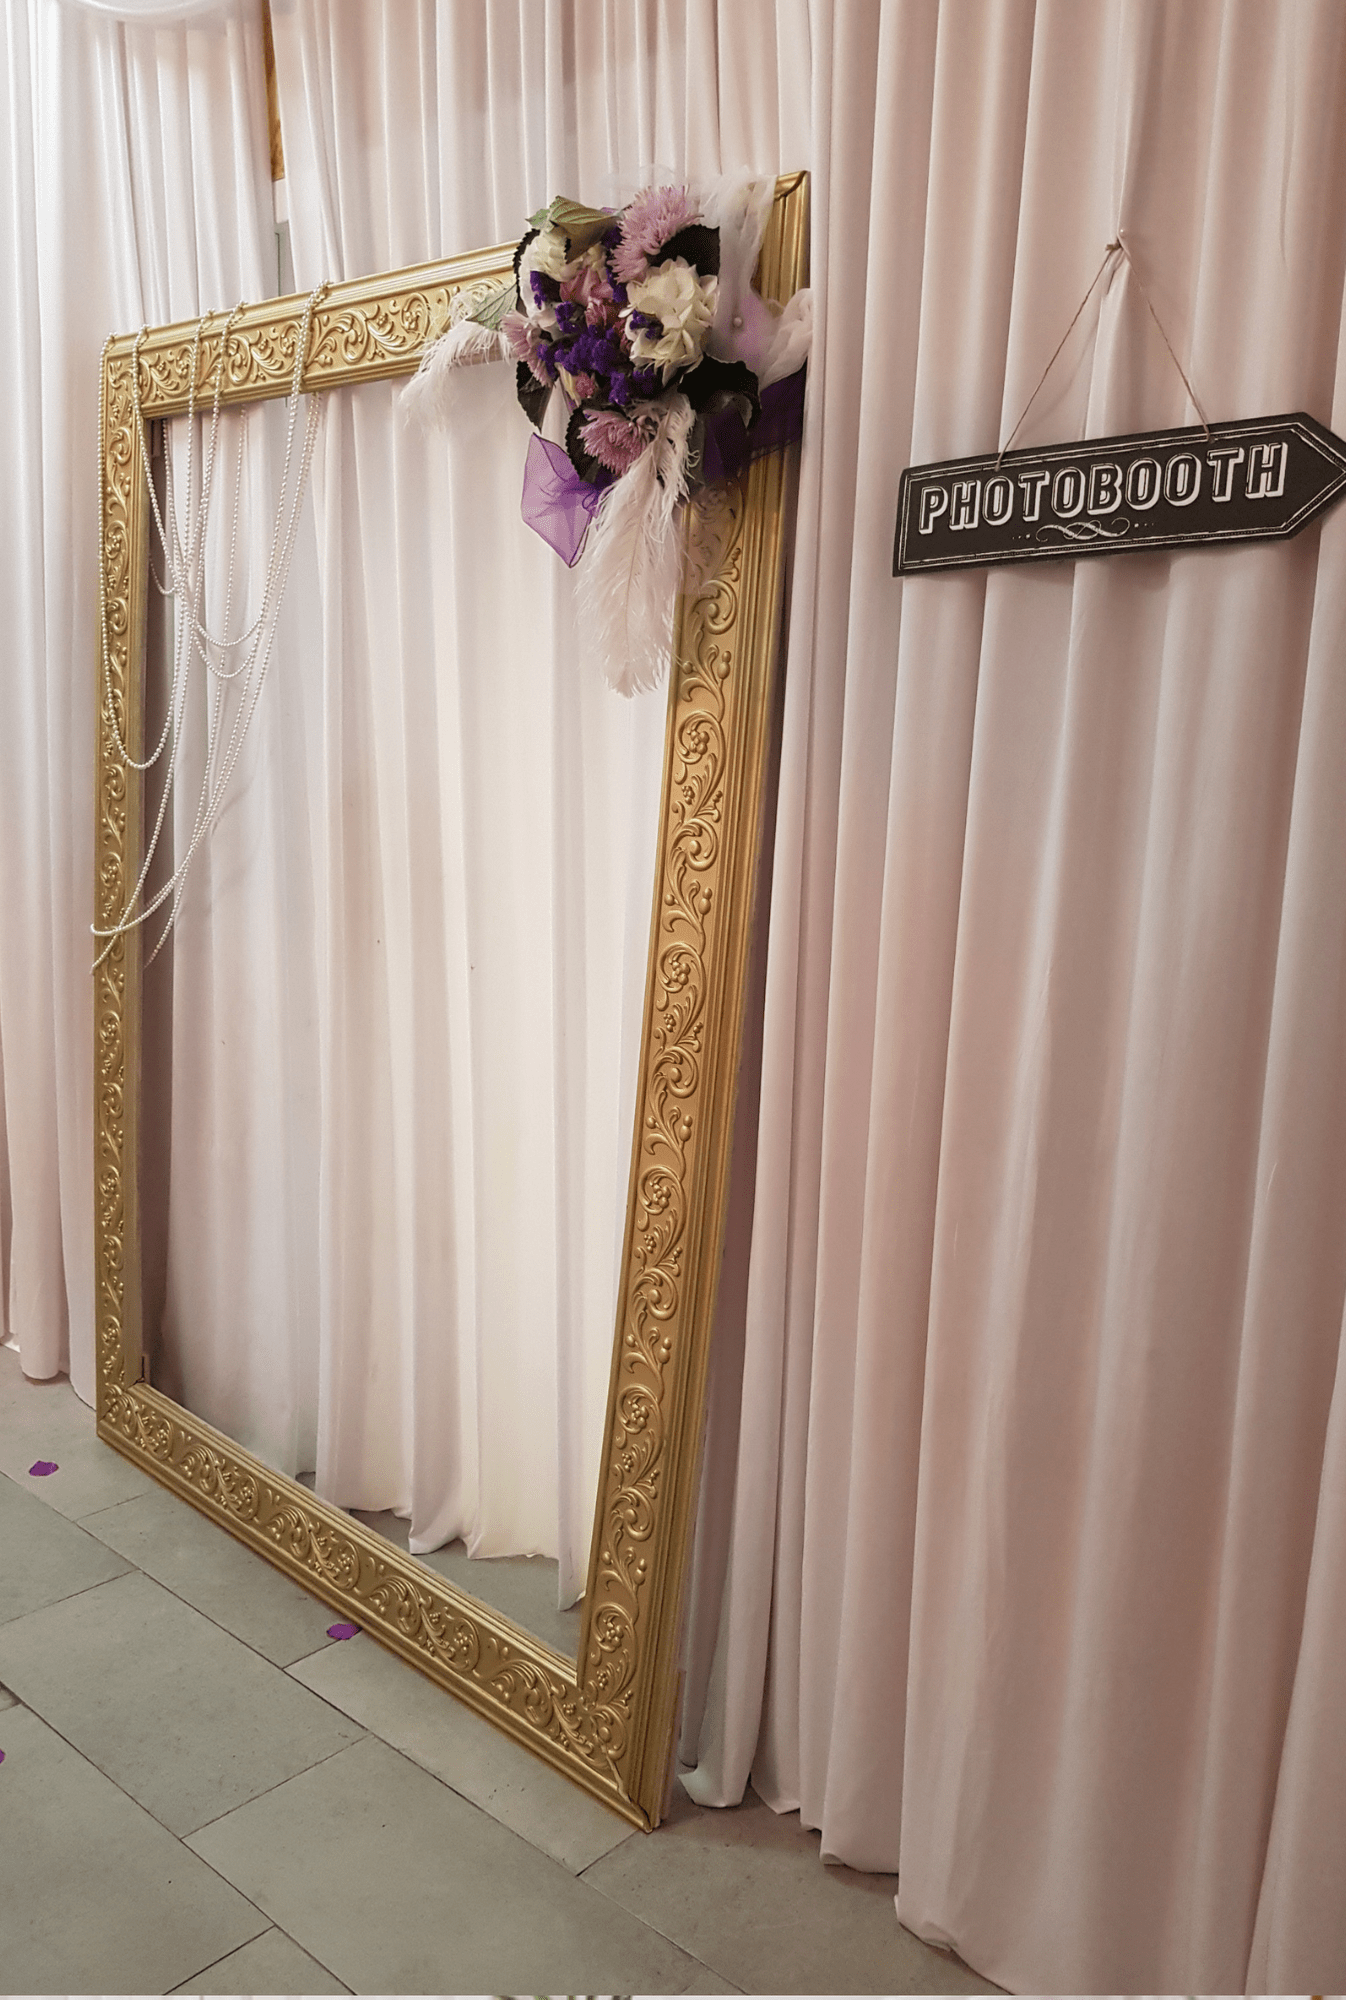 Photobooth Kissbooth Décoration Personnalisée Exotic Ile De France Et Normandie A Votre Mariage